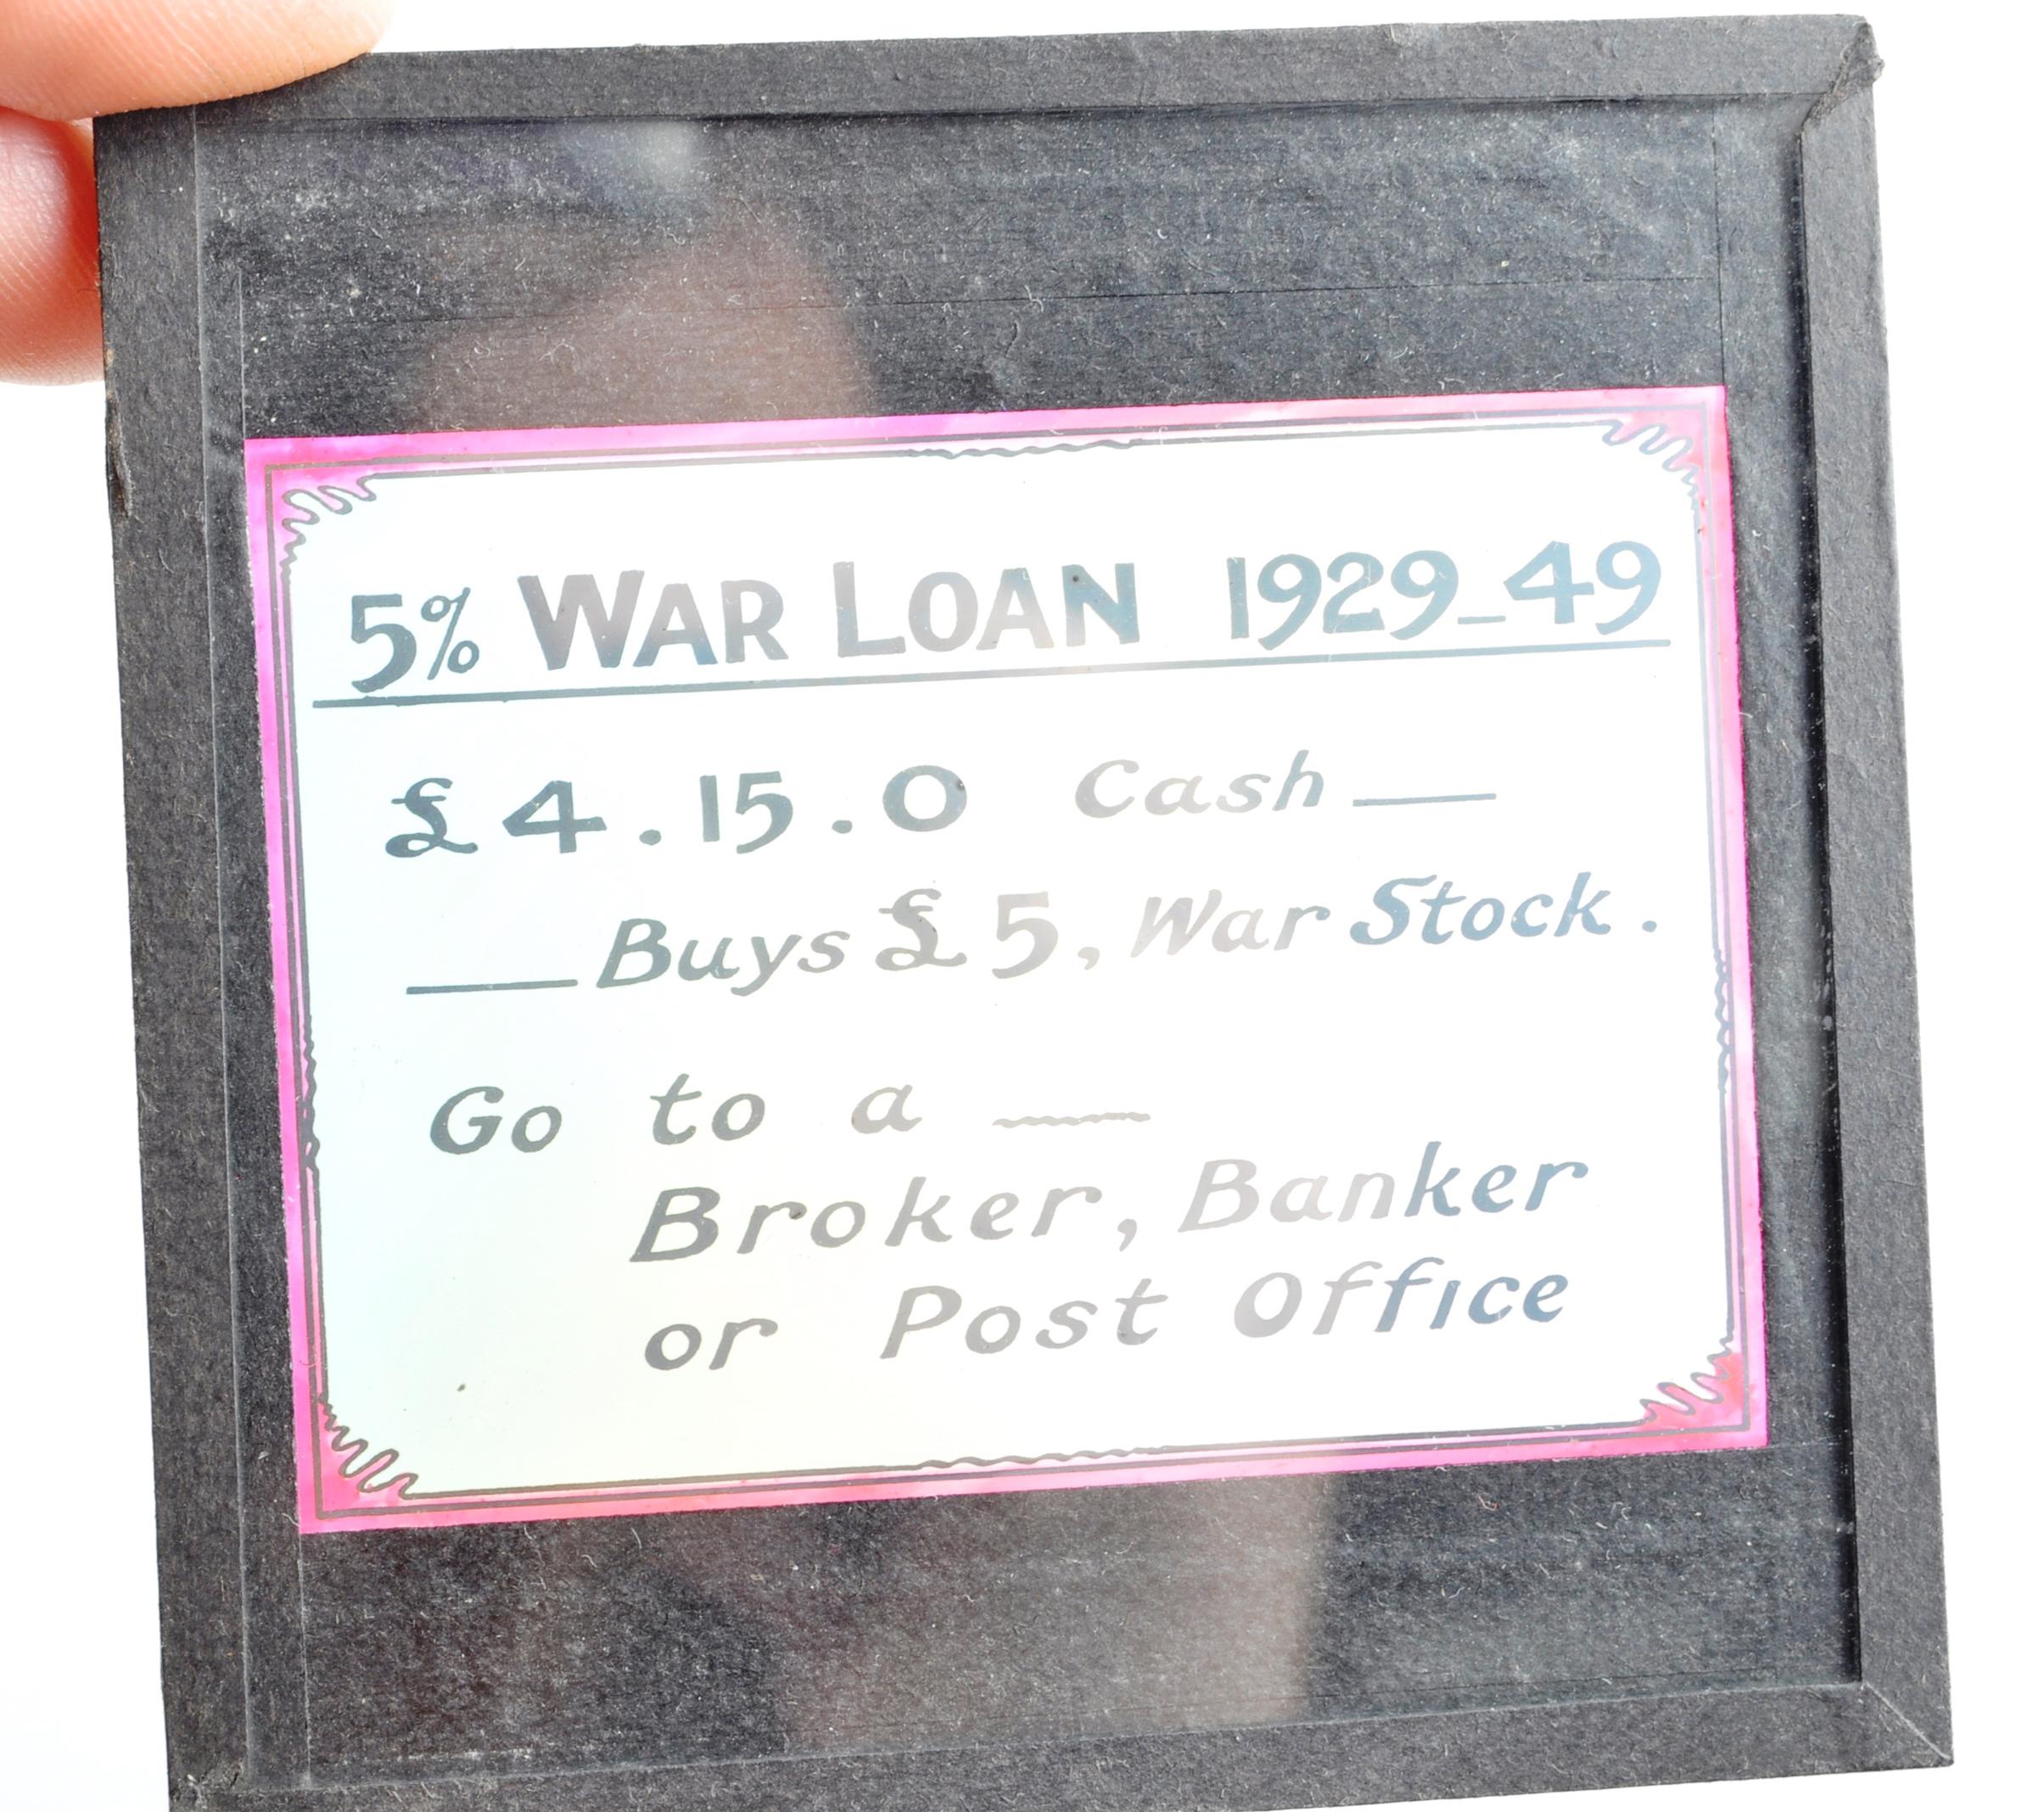 SCARCE WWI FIRST WORLD WAR MAGIC LANTERN SLIDES - Image 6 of 9